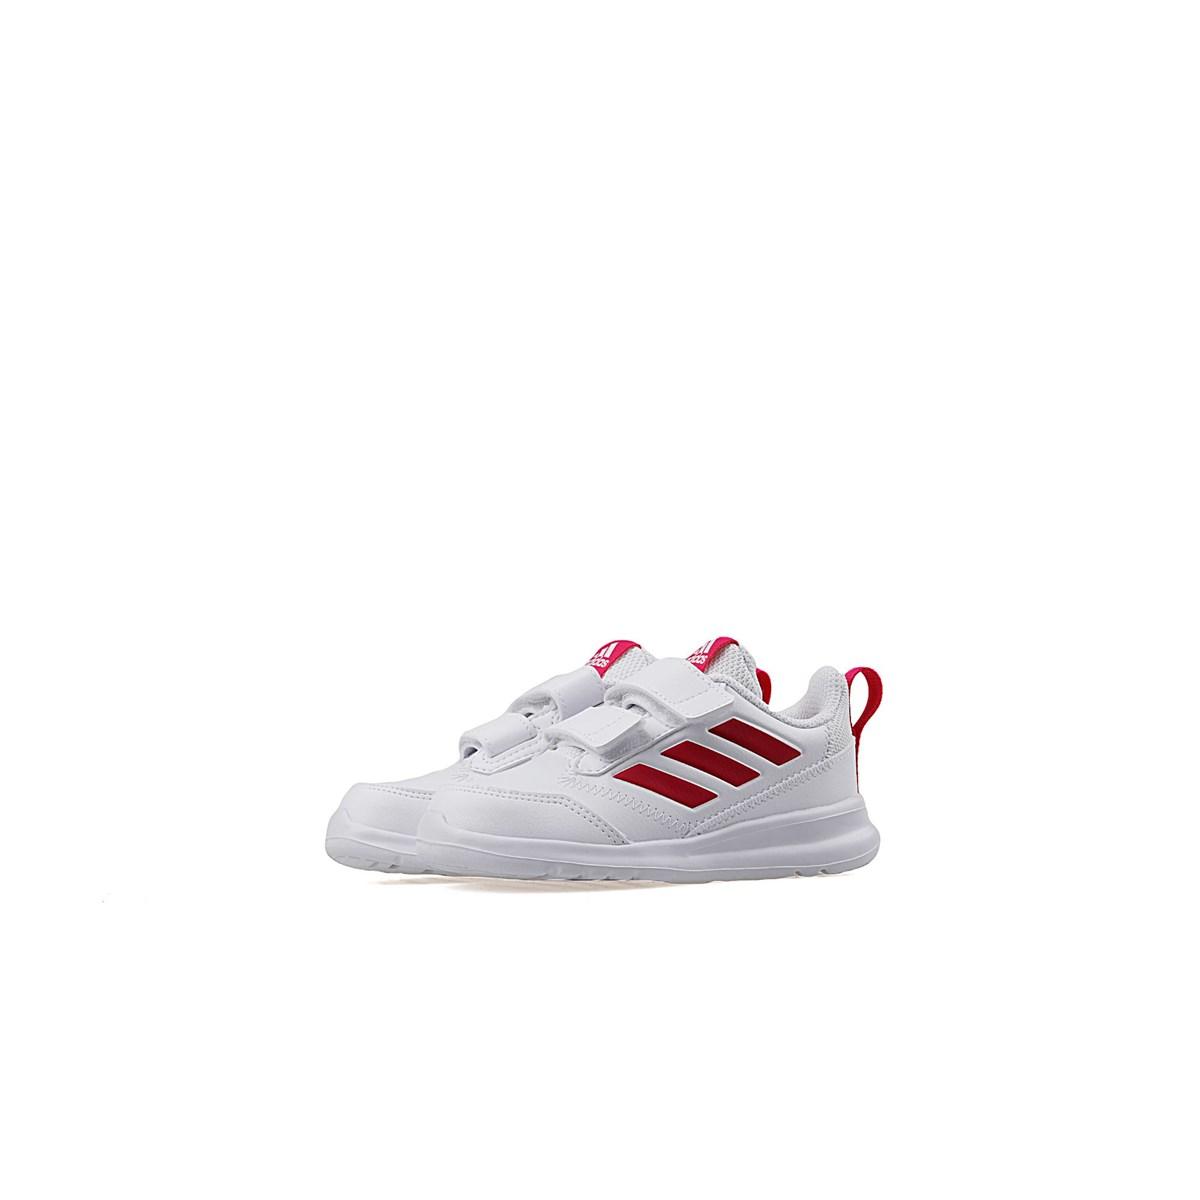 AltaRun CF Bebek Beyaz Spor Ayakkabısı